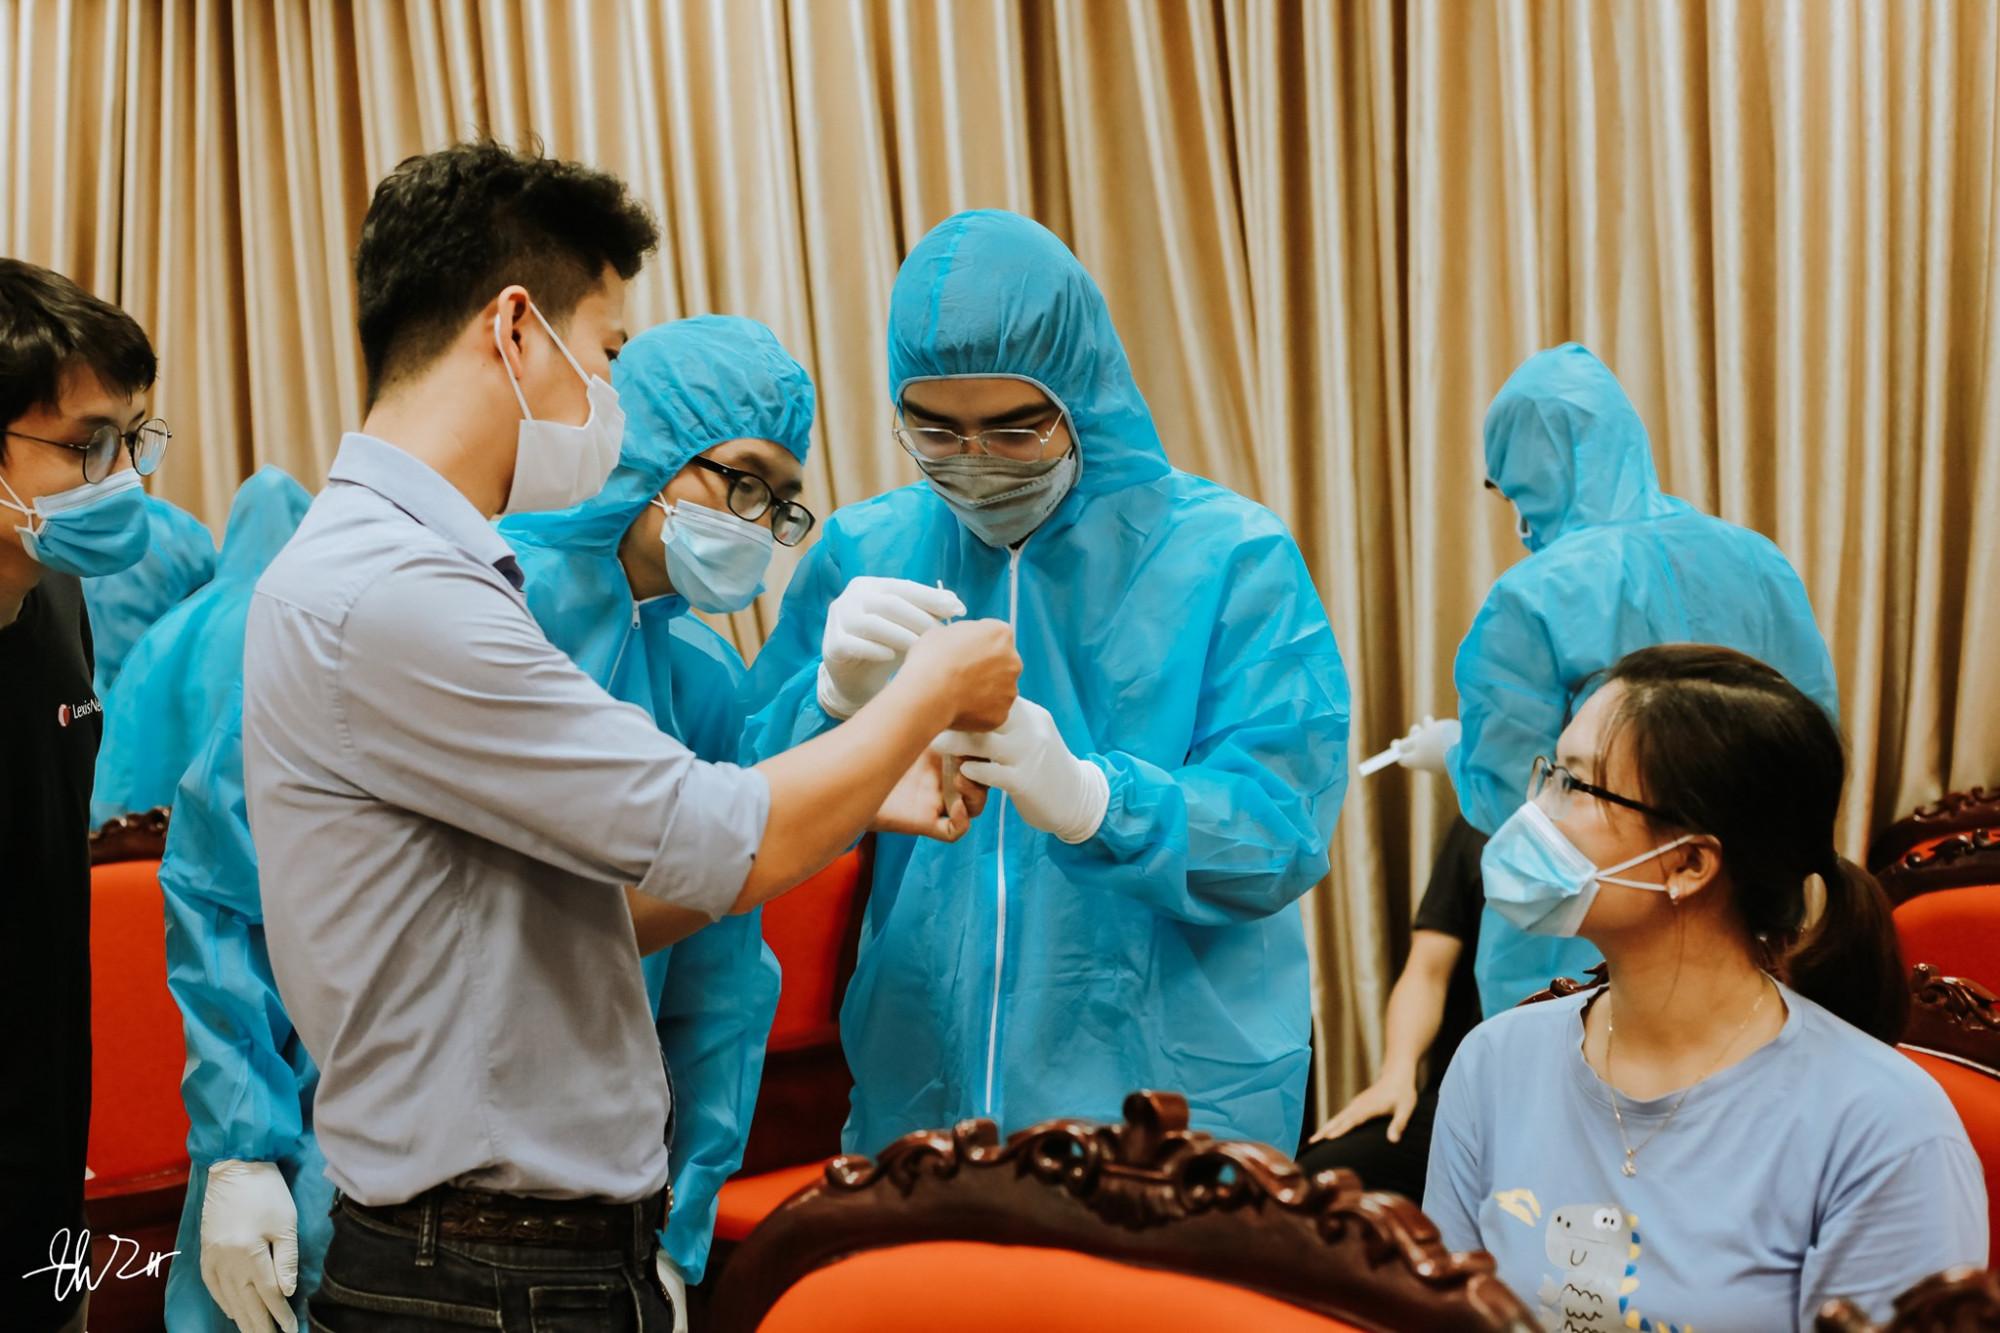 Tập huấn sinh viên trước khi tham gia chống dịch tại Trường Đại học Y Thái Bình